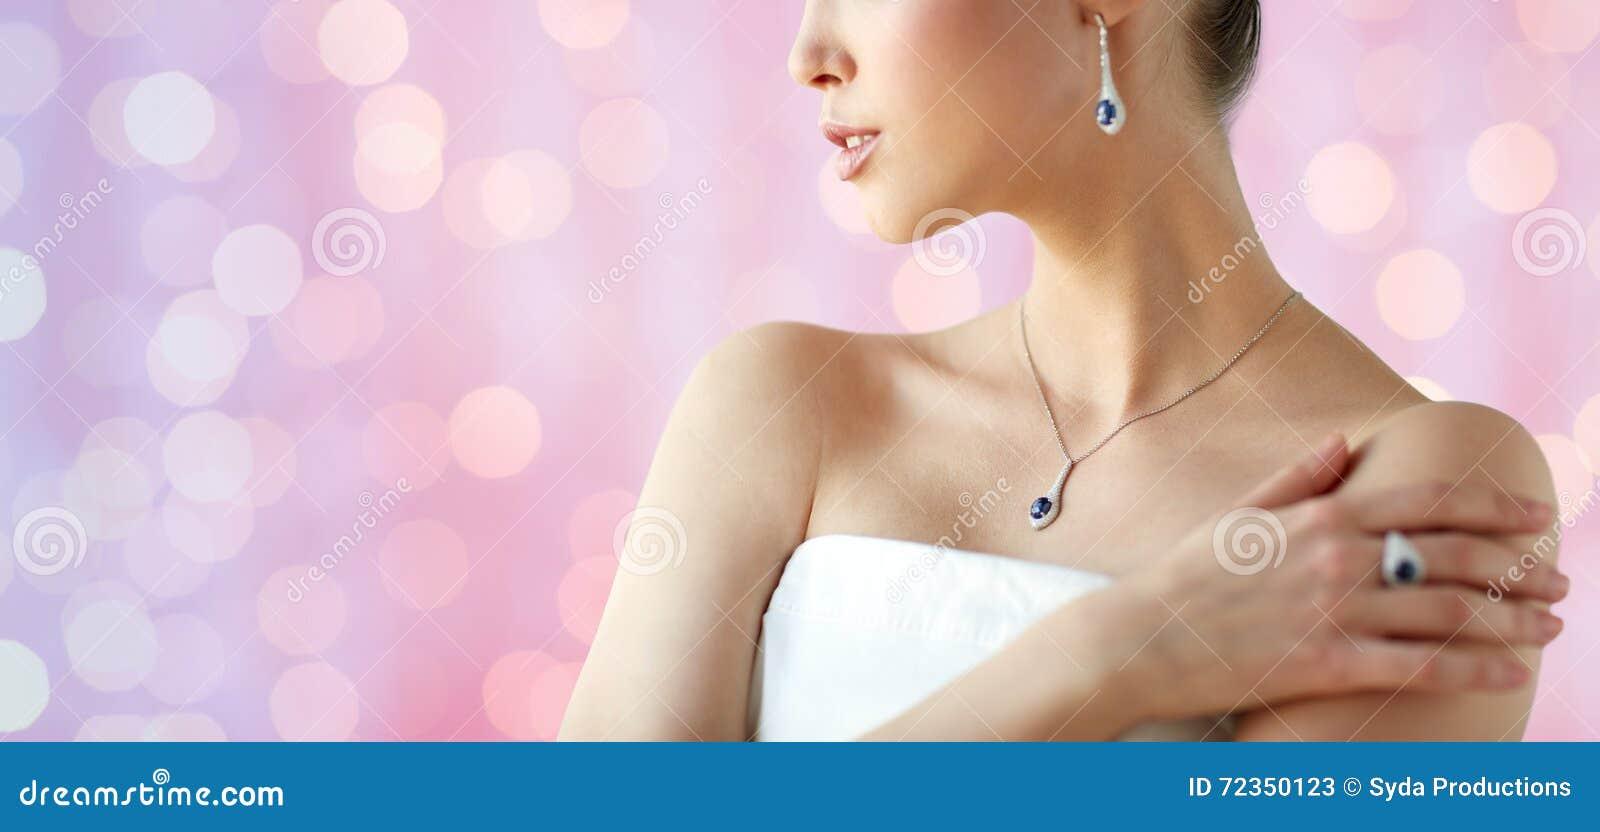 有耳环、圆环和垂饰的美丽的妇女